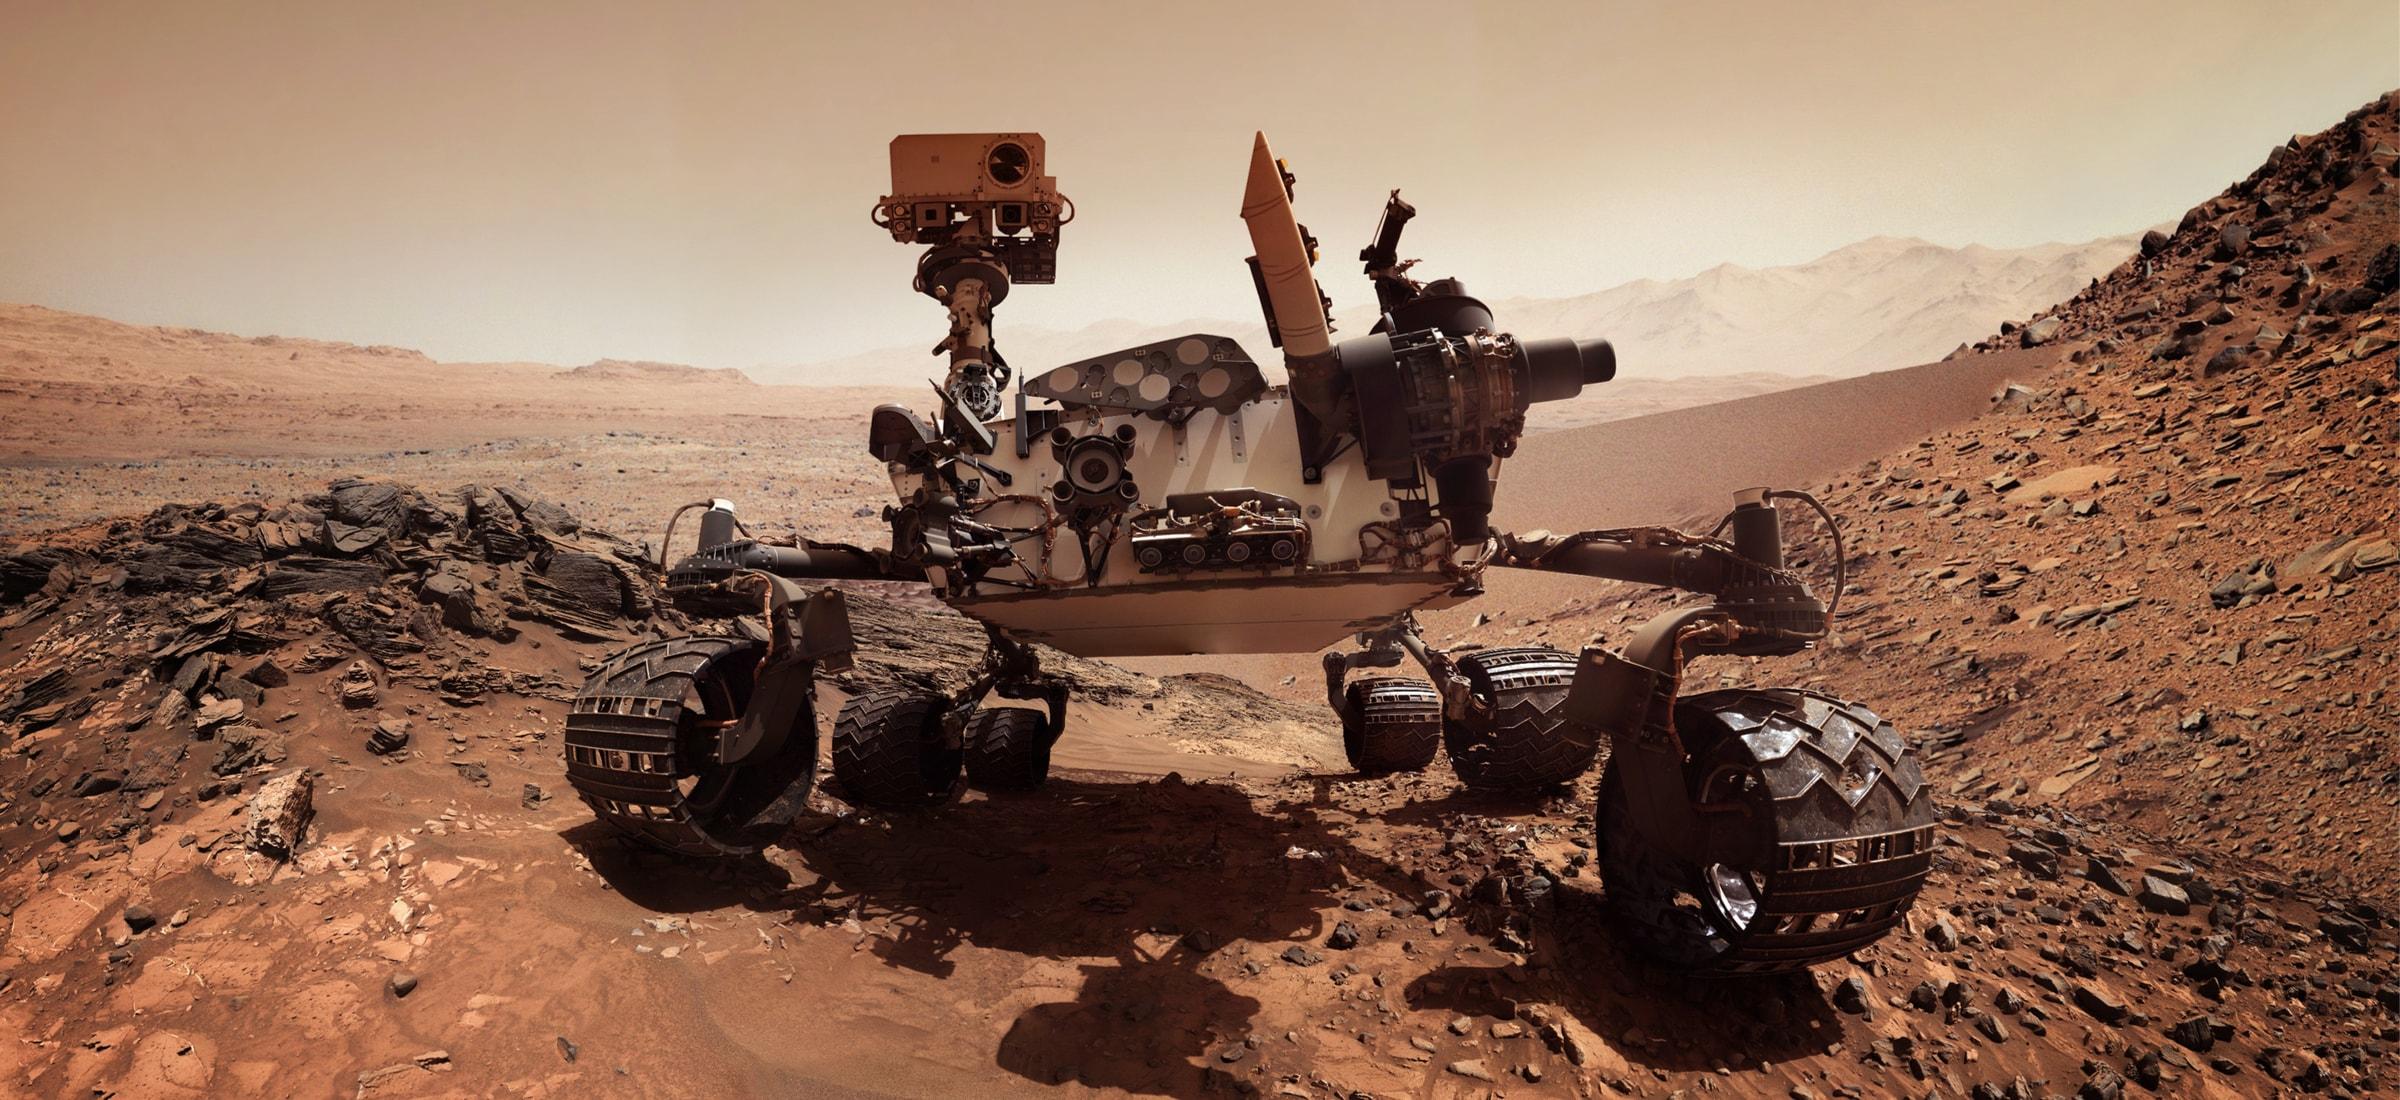 Martian Curiosity roverrek duela egun batzuk argazki bat atera zizun.  Ez zenekien ezta